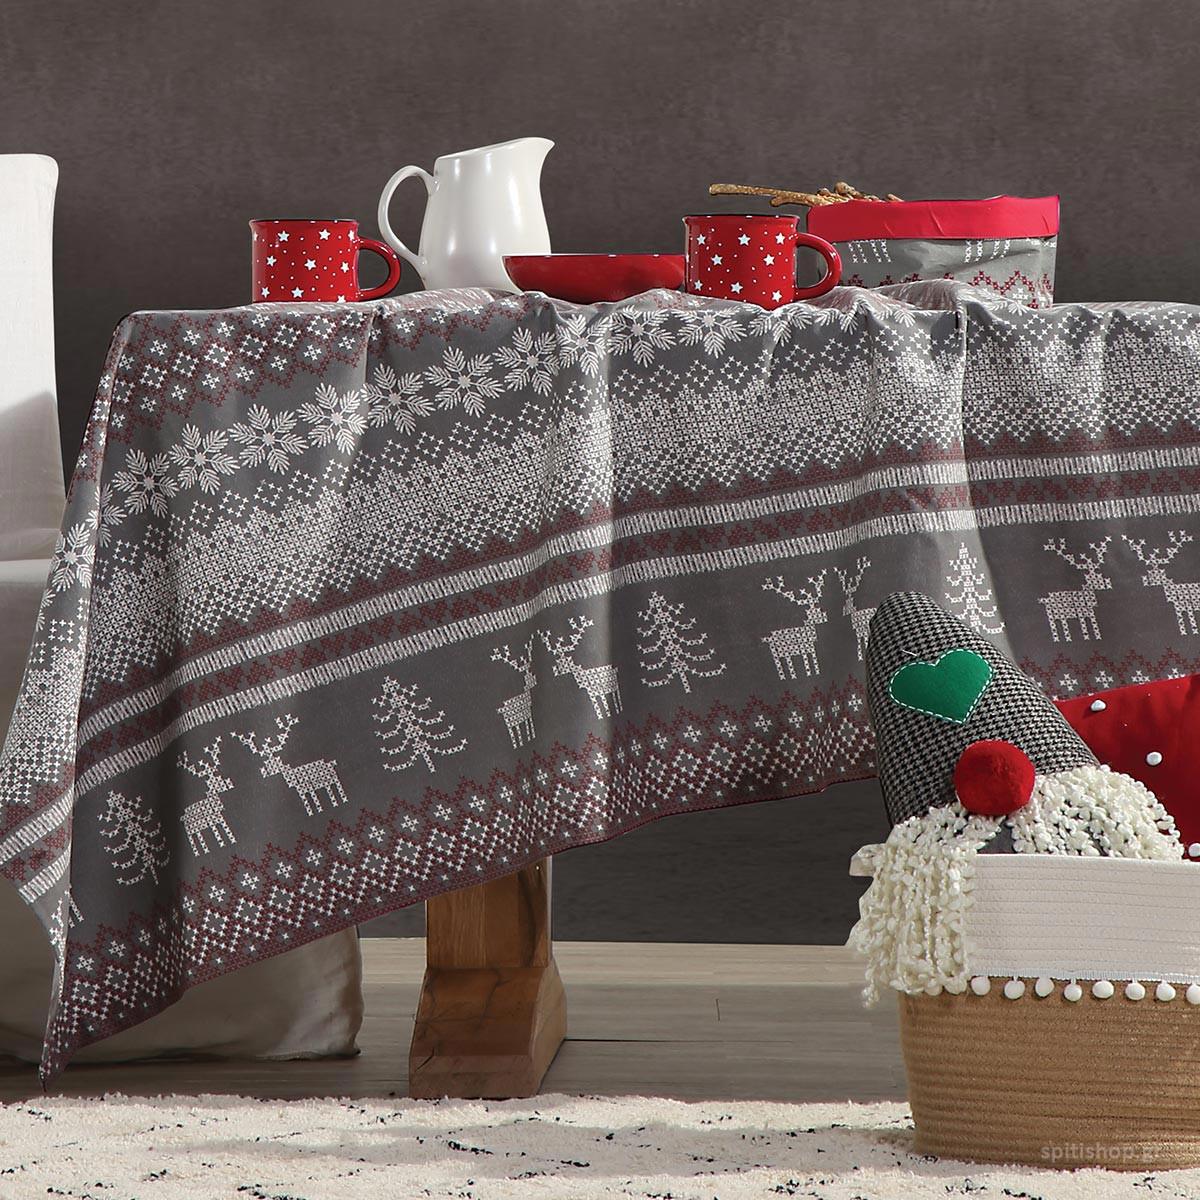 Χριστουγεννιάτικο Τραπεζομάντηλο (140×180) Nef-Nef Greetings